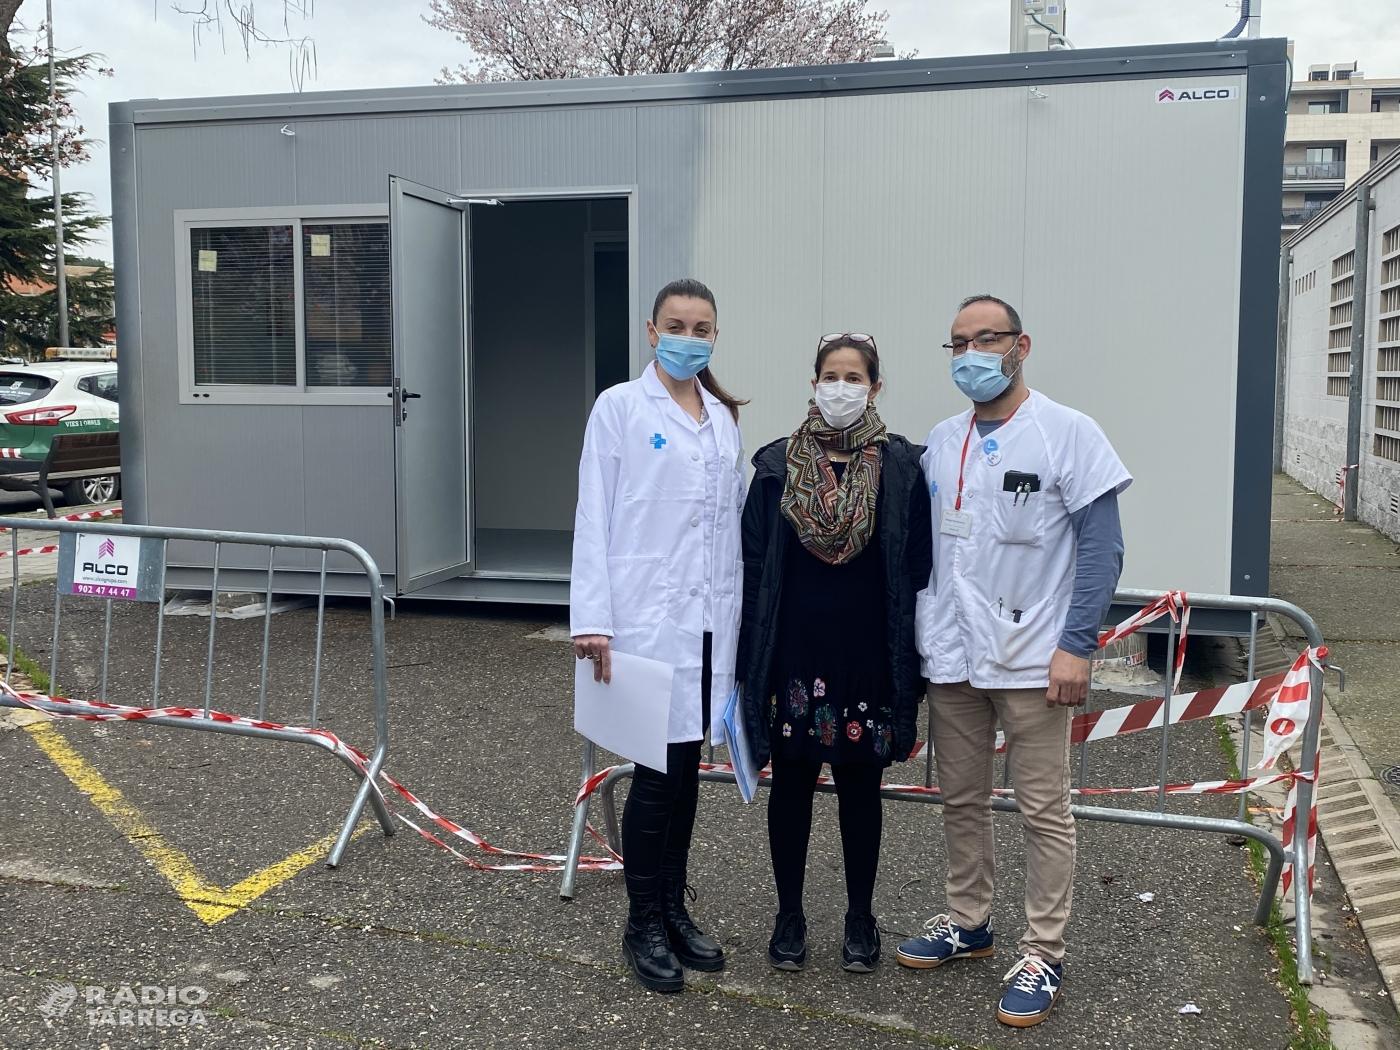 Salut comença a instal·lar a la Regió Sanitària Lleida els mòduls de suport als centres d'atenció primària per a l'activitat COVID